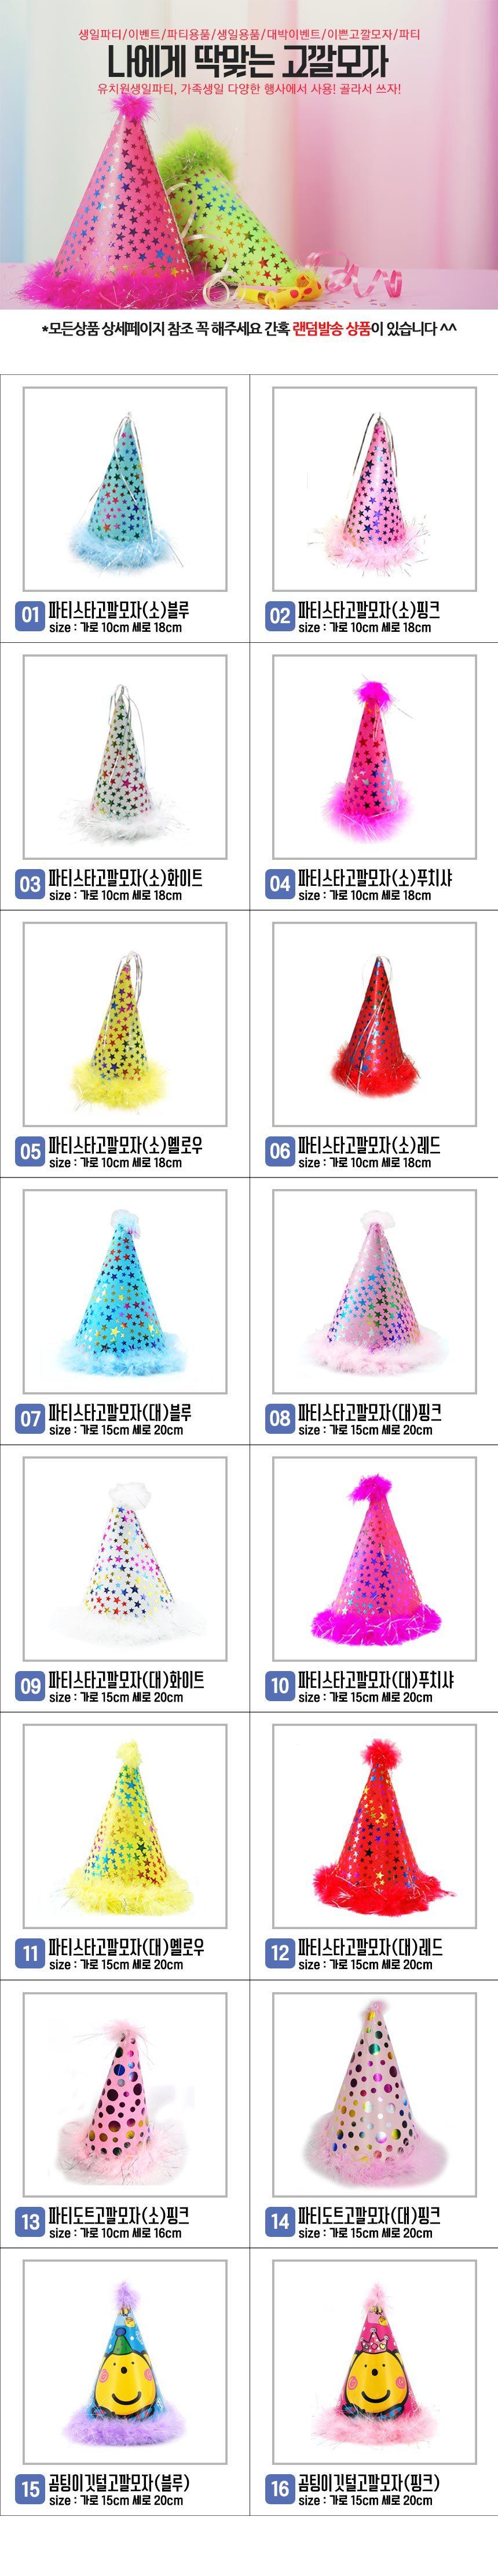 파티스토리 파티깃털 고깔모자 모음전 - 파티스토리, 1,200원, 파티용품, 펀/놀이용품